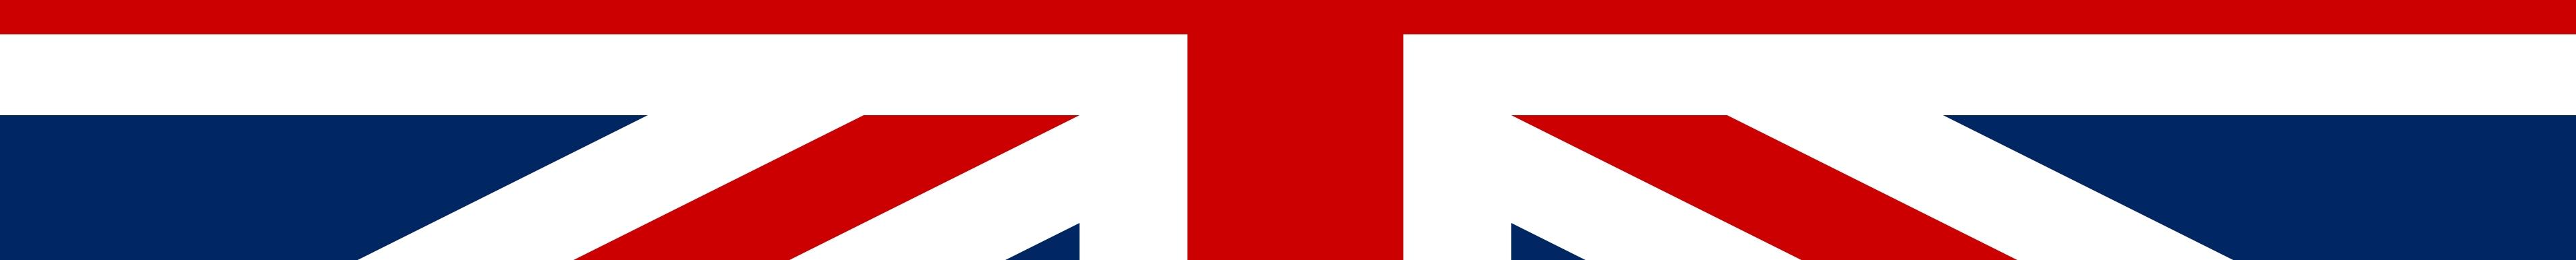 England vs austria live stream free football